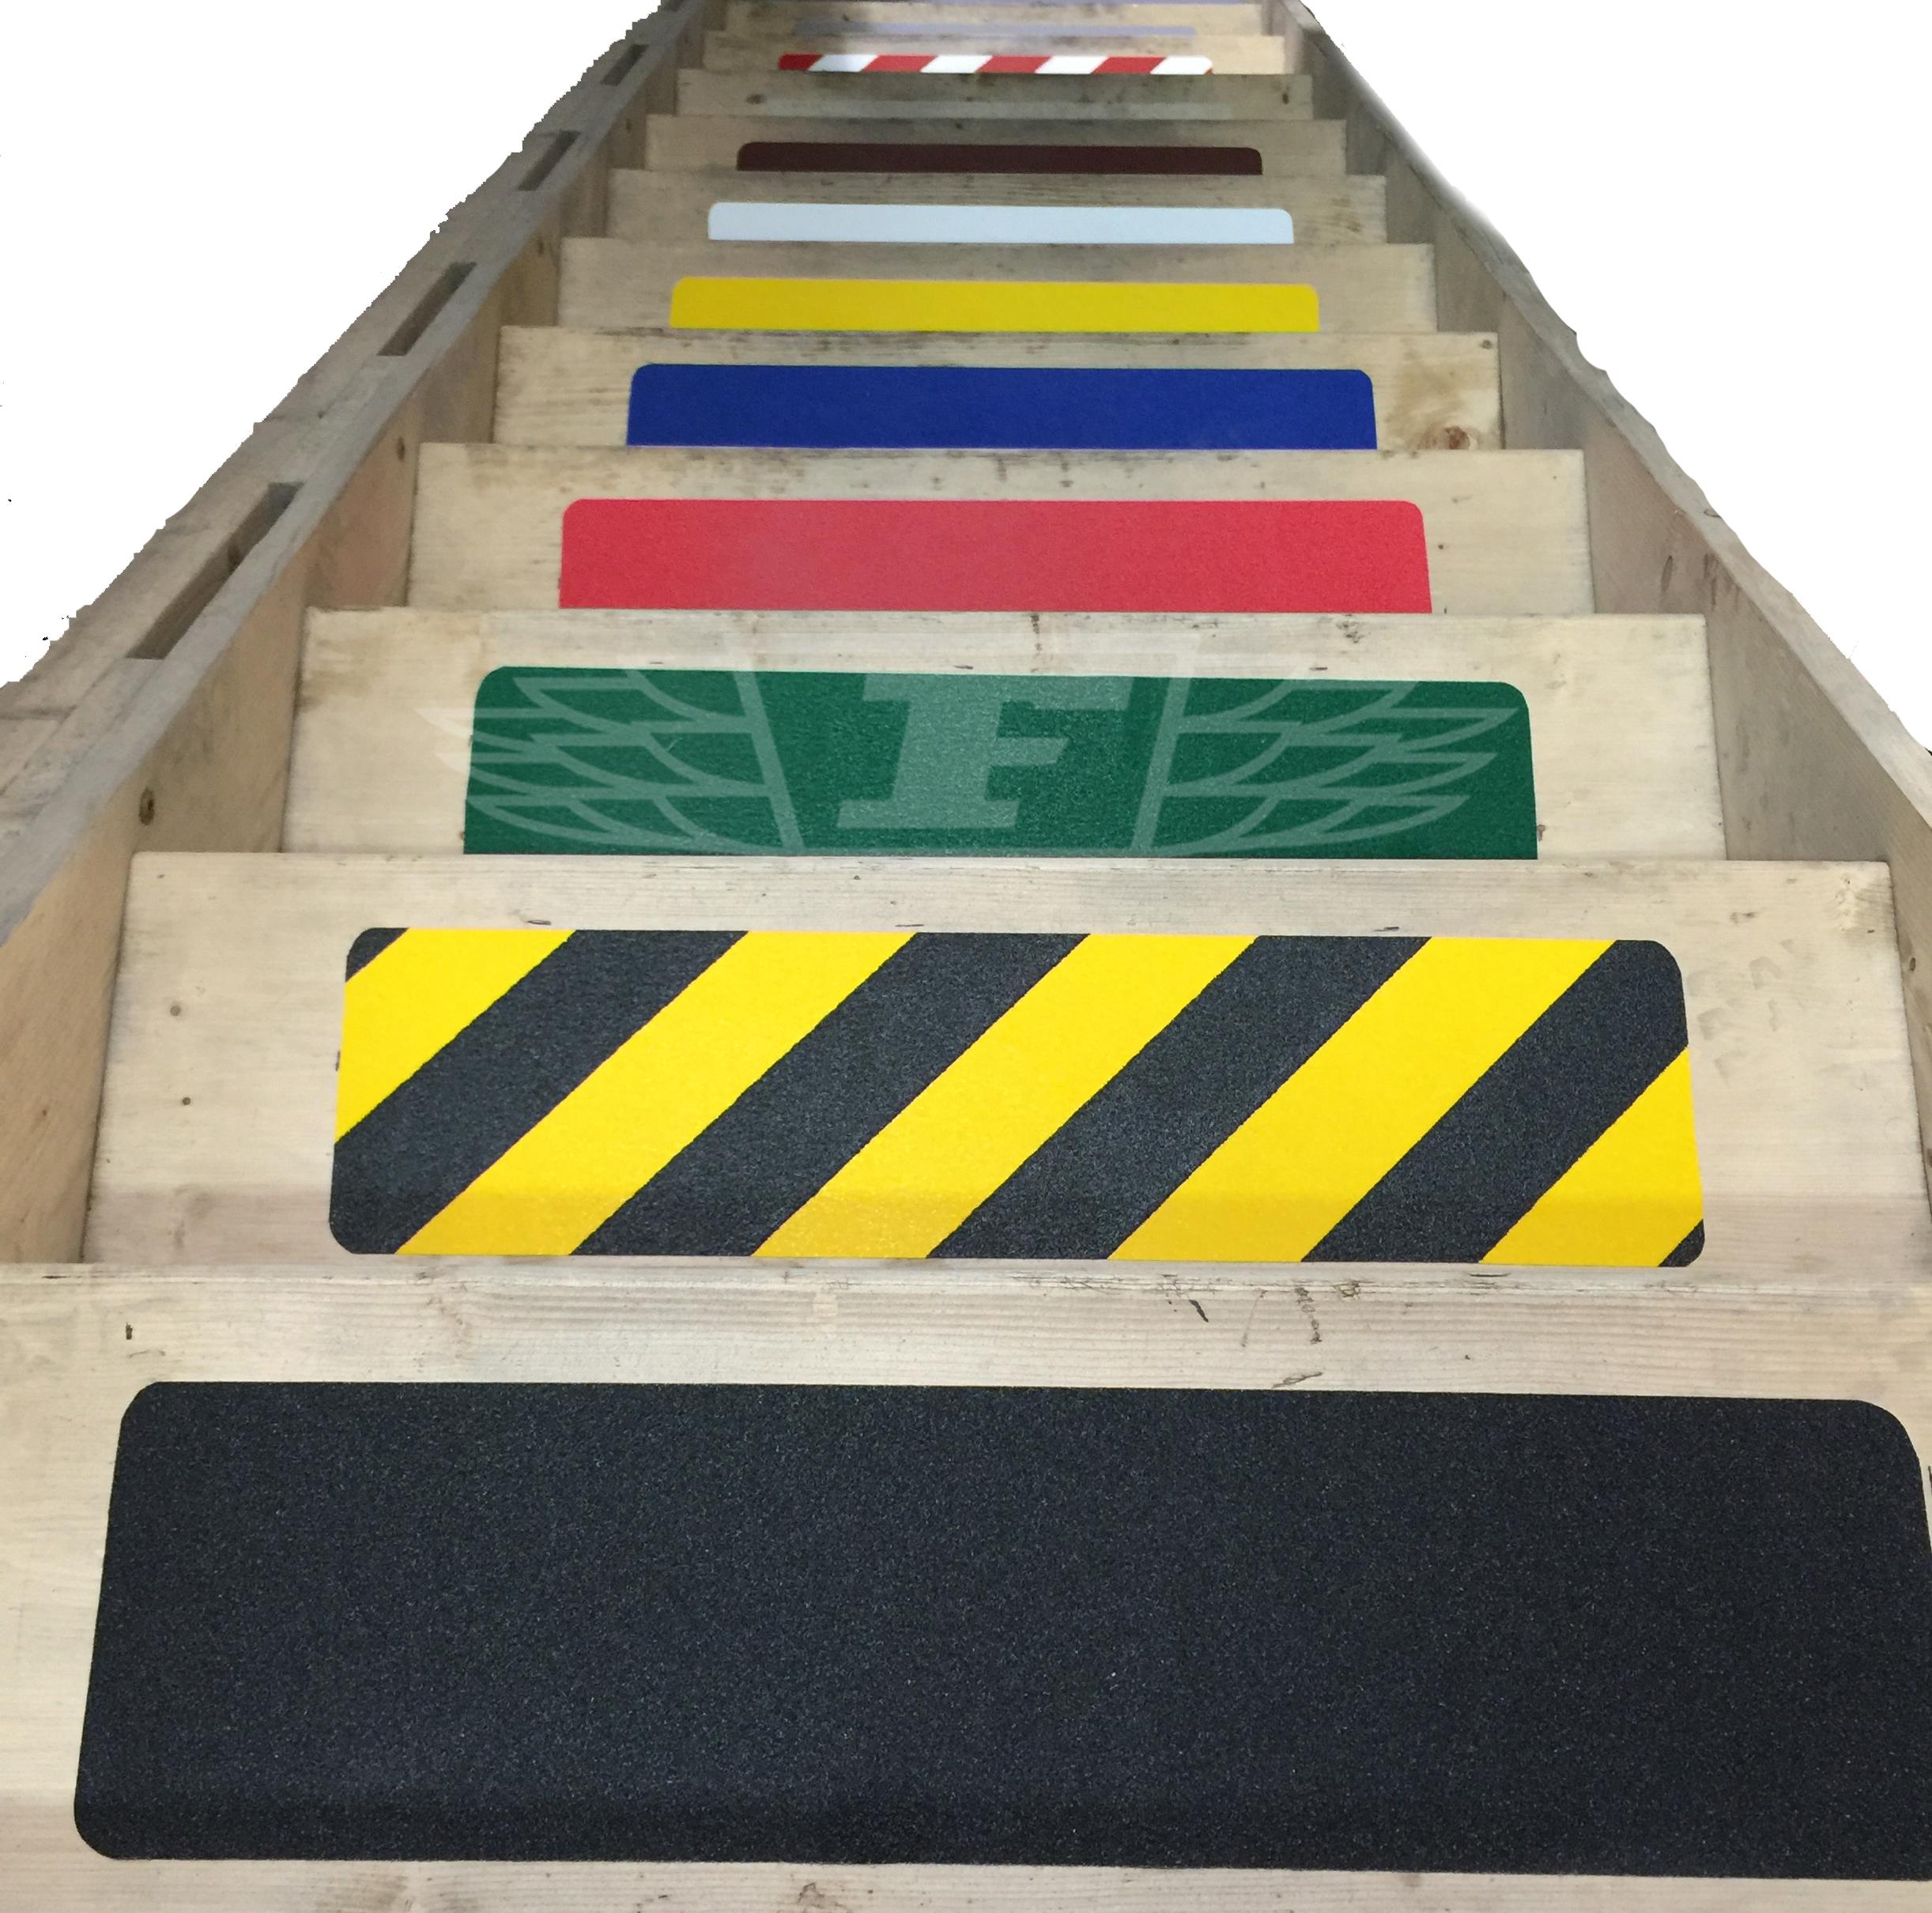 Anti Slip Stairs : Mm adhesive backed anti slip skid tape for